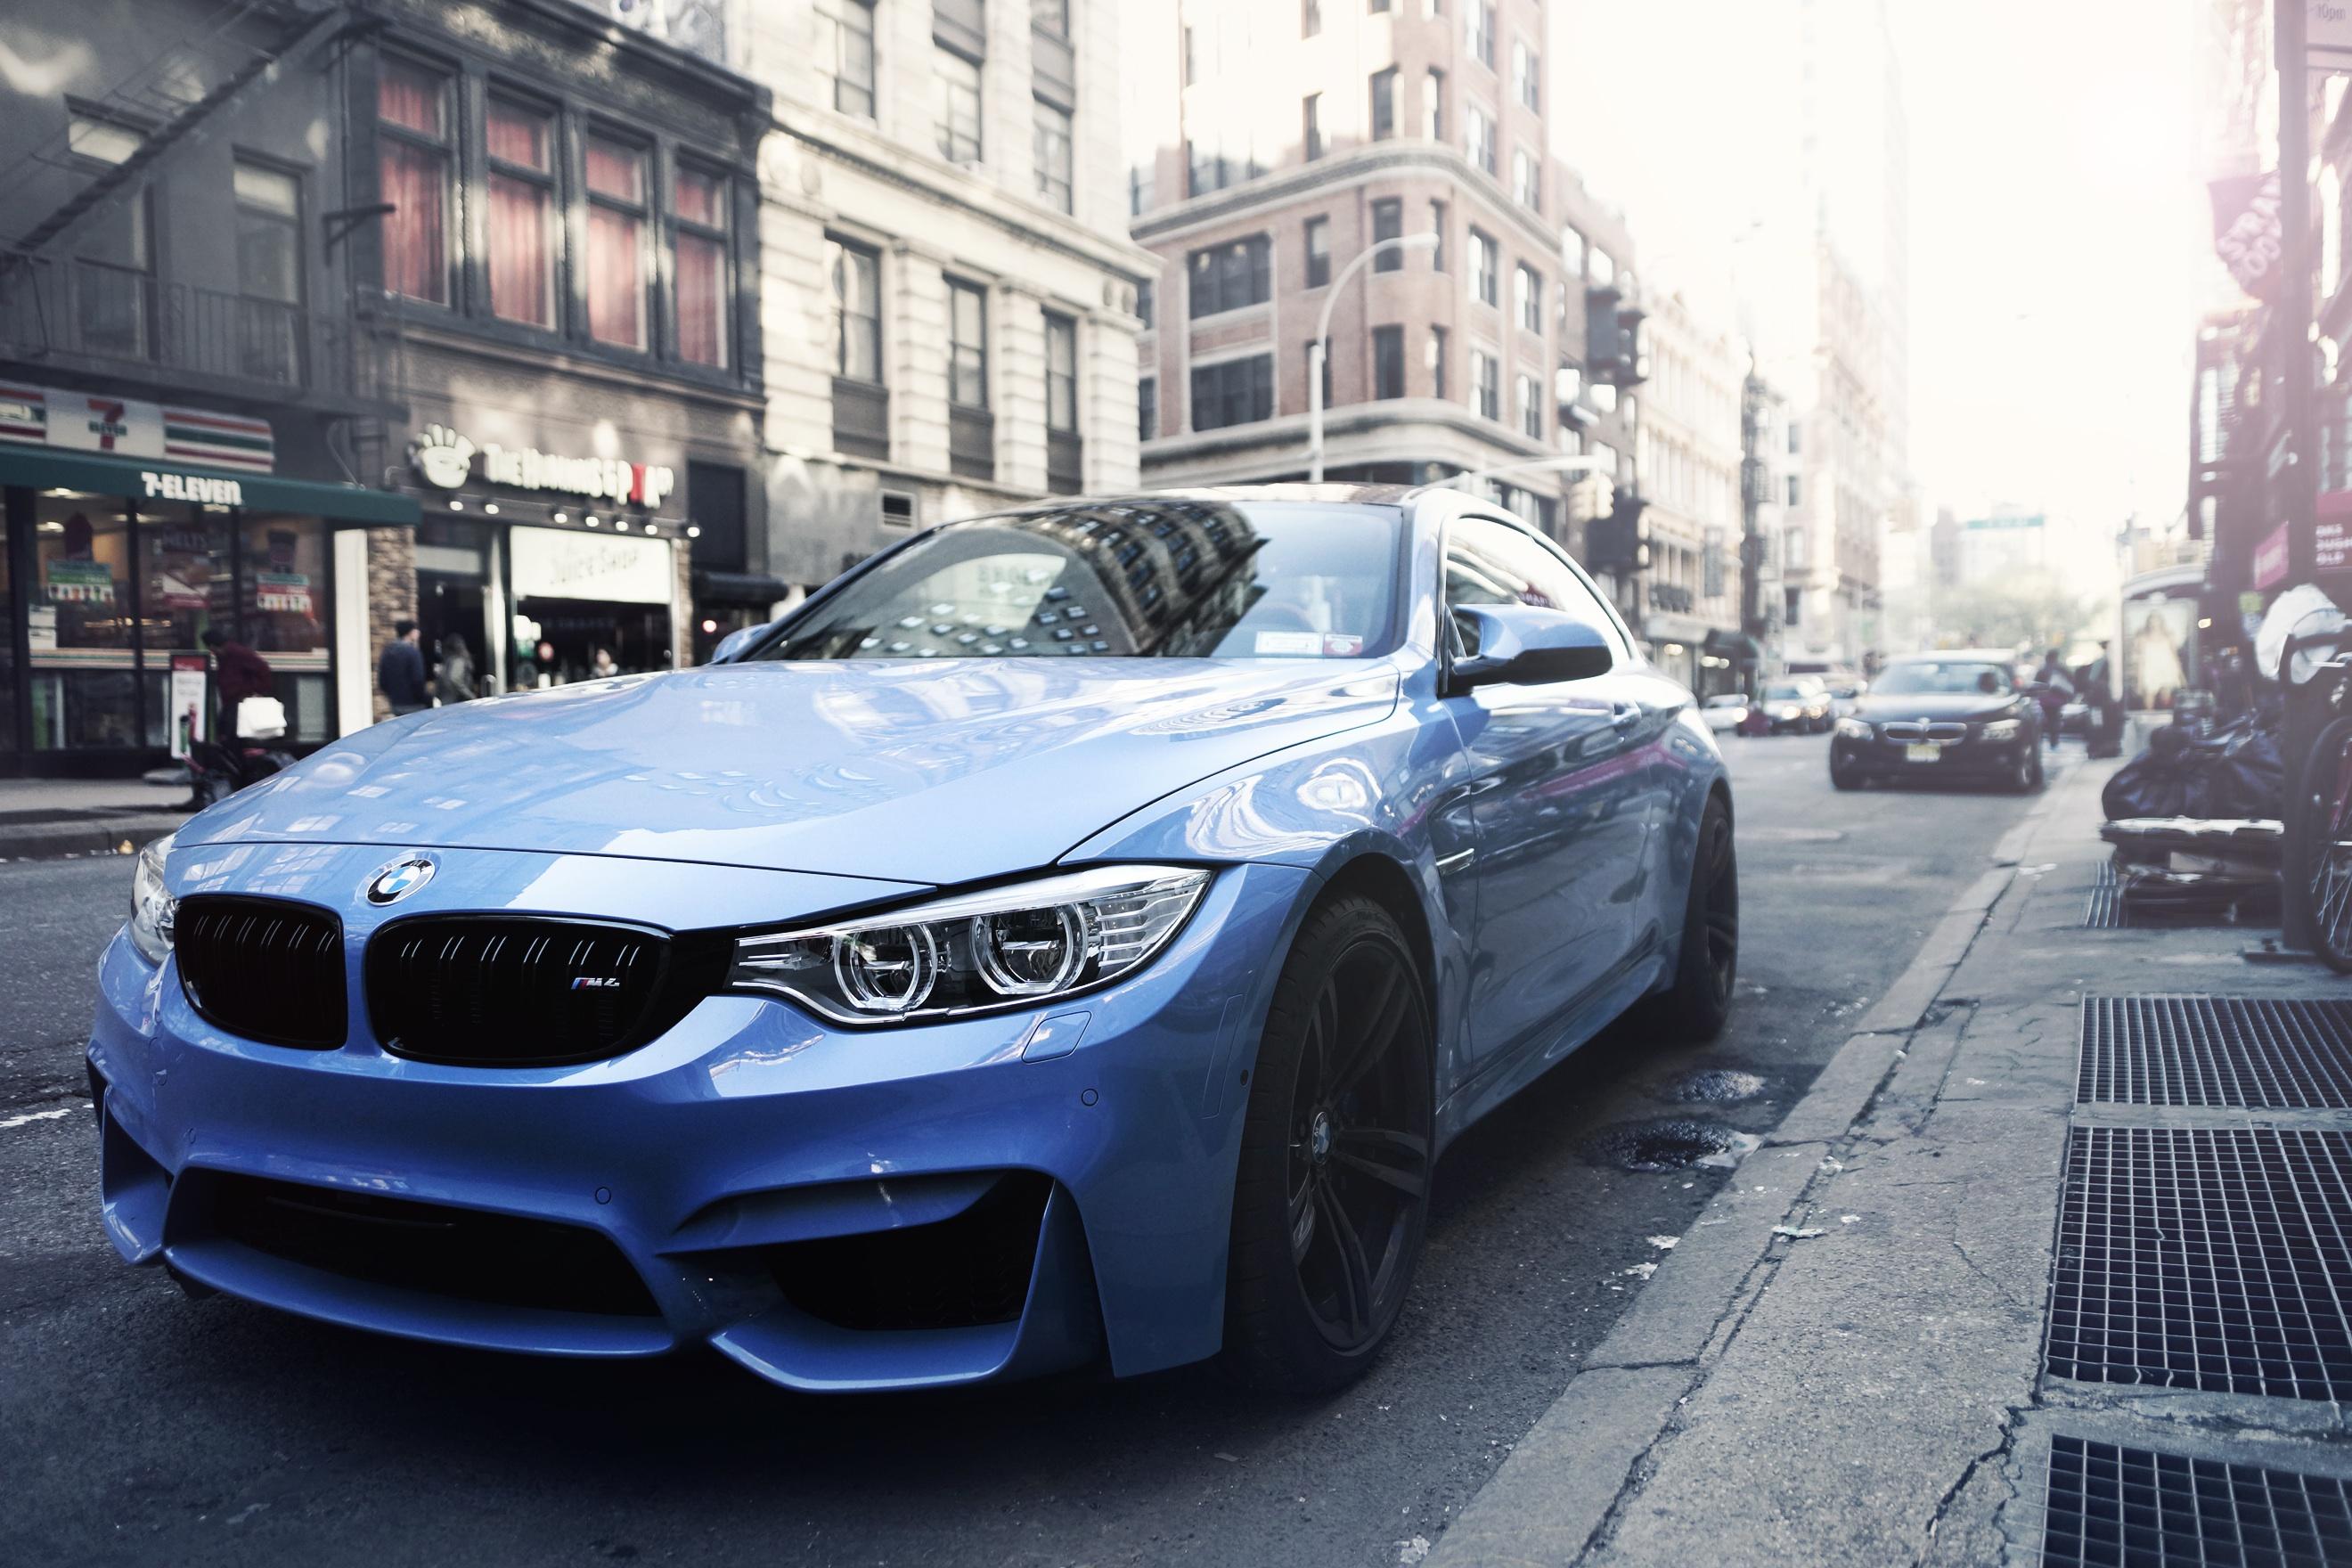 Overvejer du at importere din næste bil fra Tyskland? Læs med og gør det lettest for dig selv!